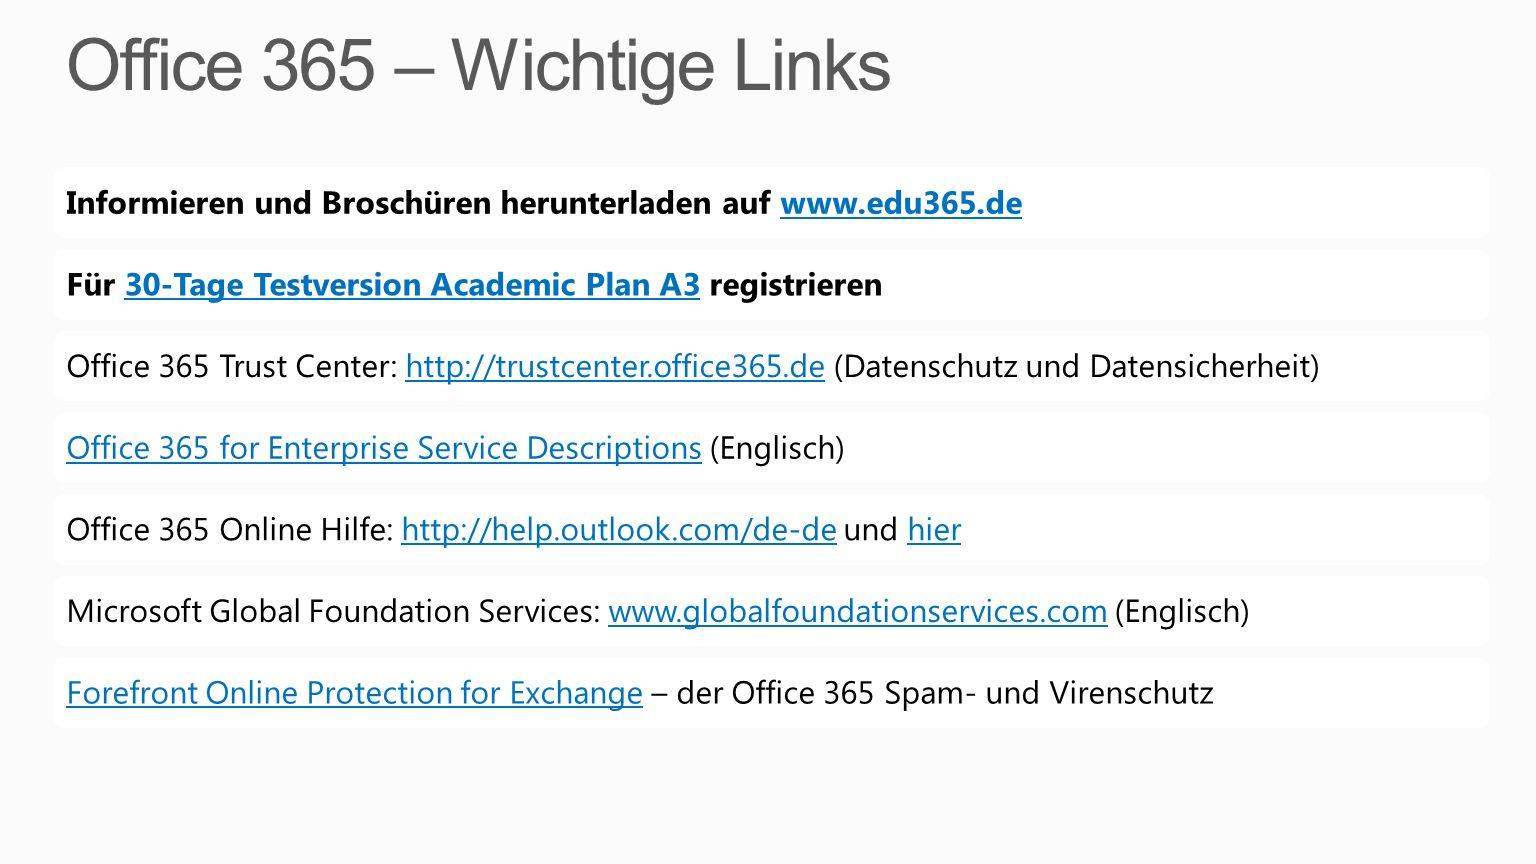 Informieren und Broschüren herunterladen auf www.edu365.dewww.edu365.deFür 30-Tage Testversion Academic Plan A3 registrieren30-Tage Testversion Academ